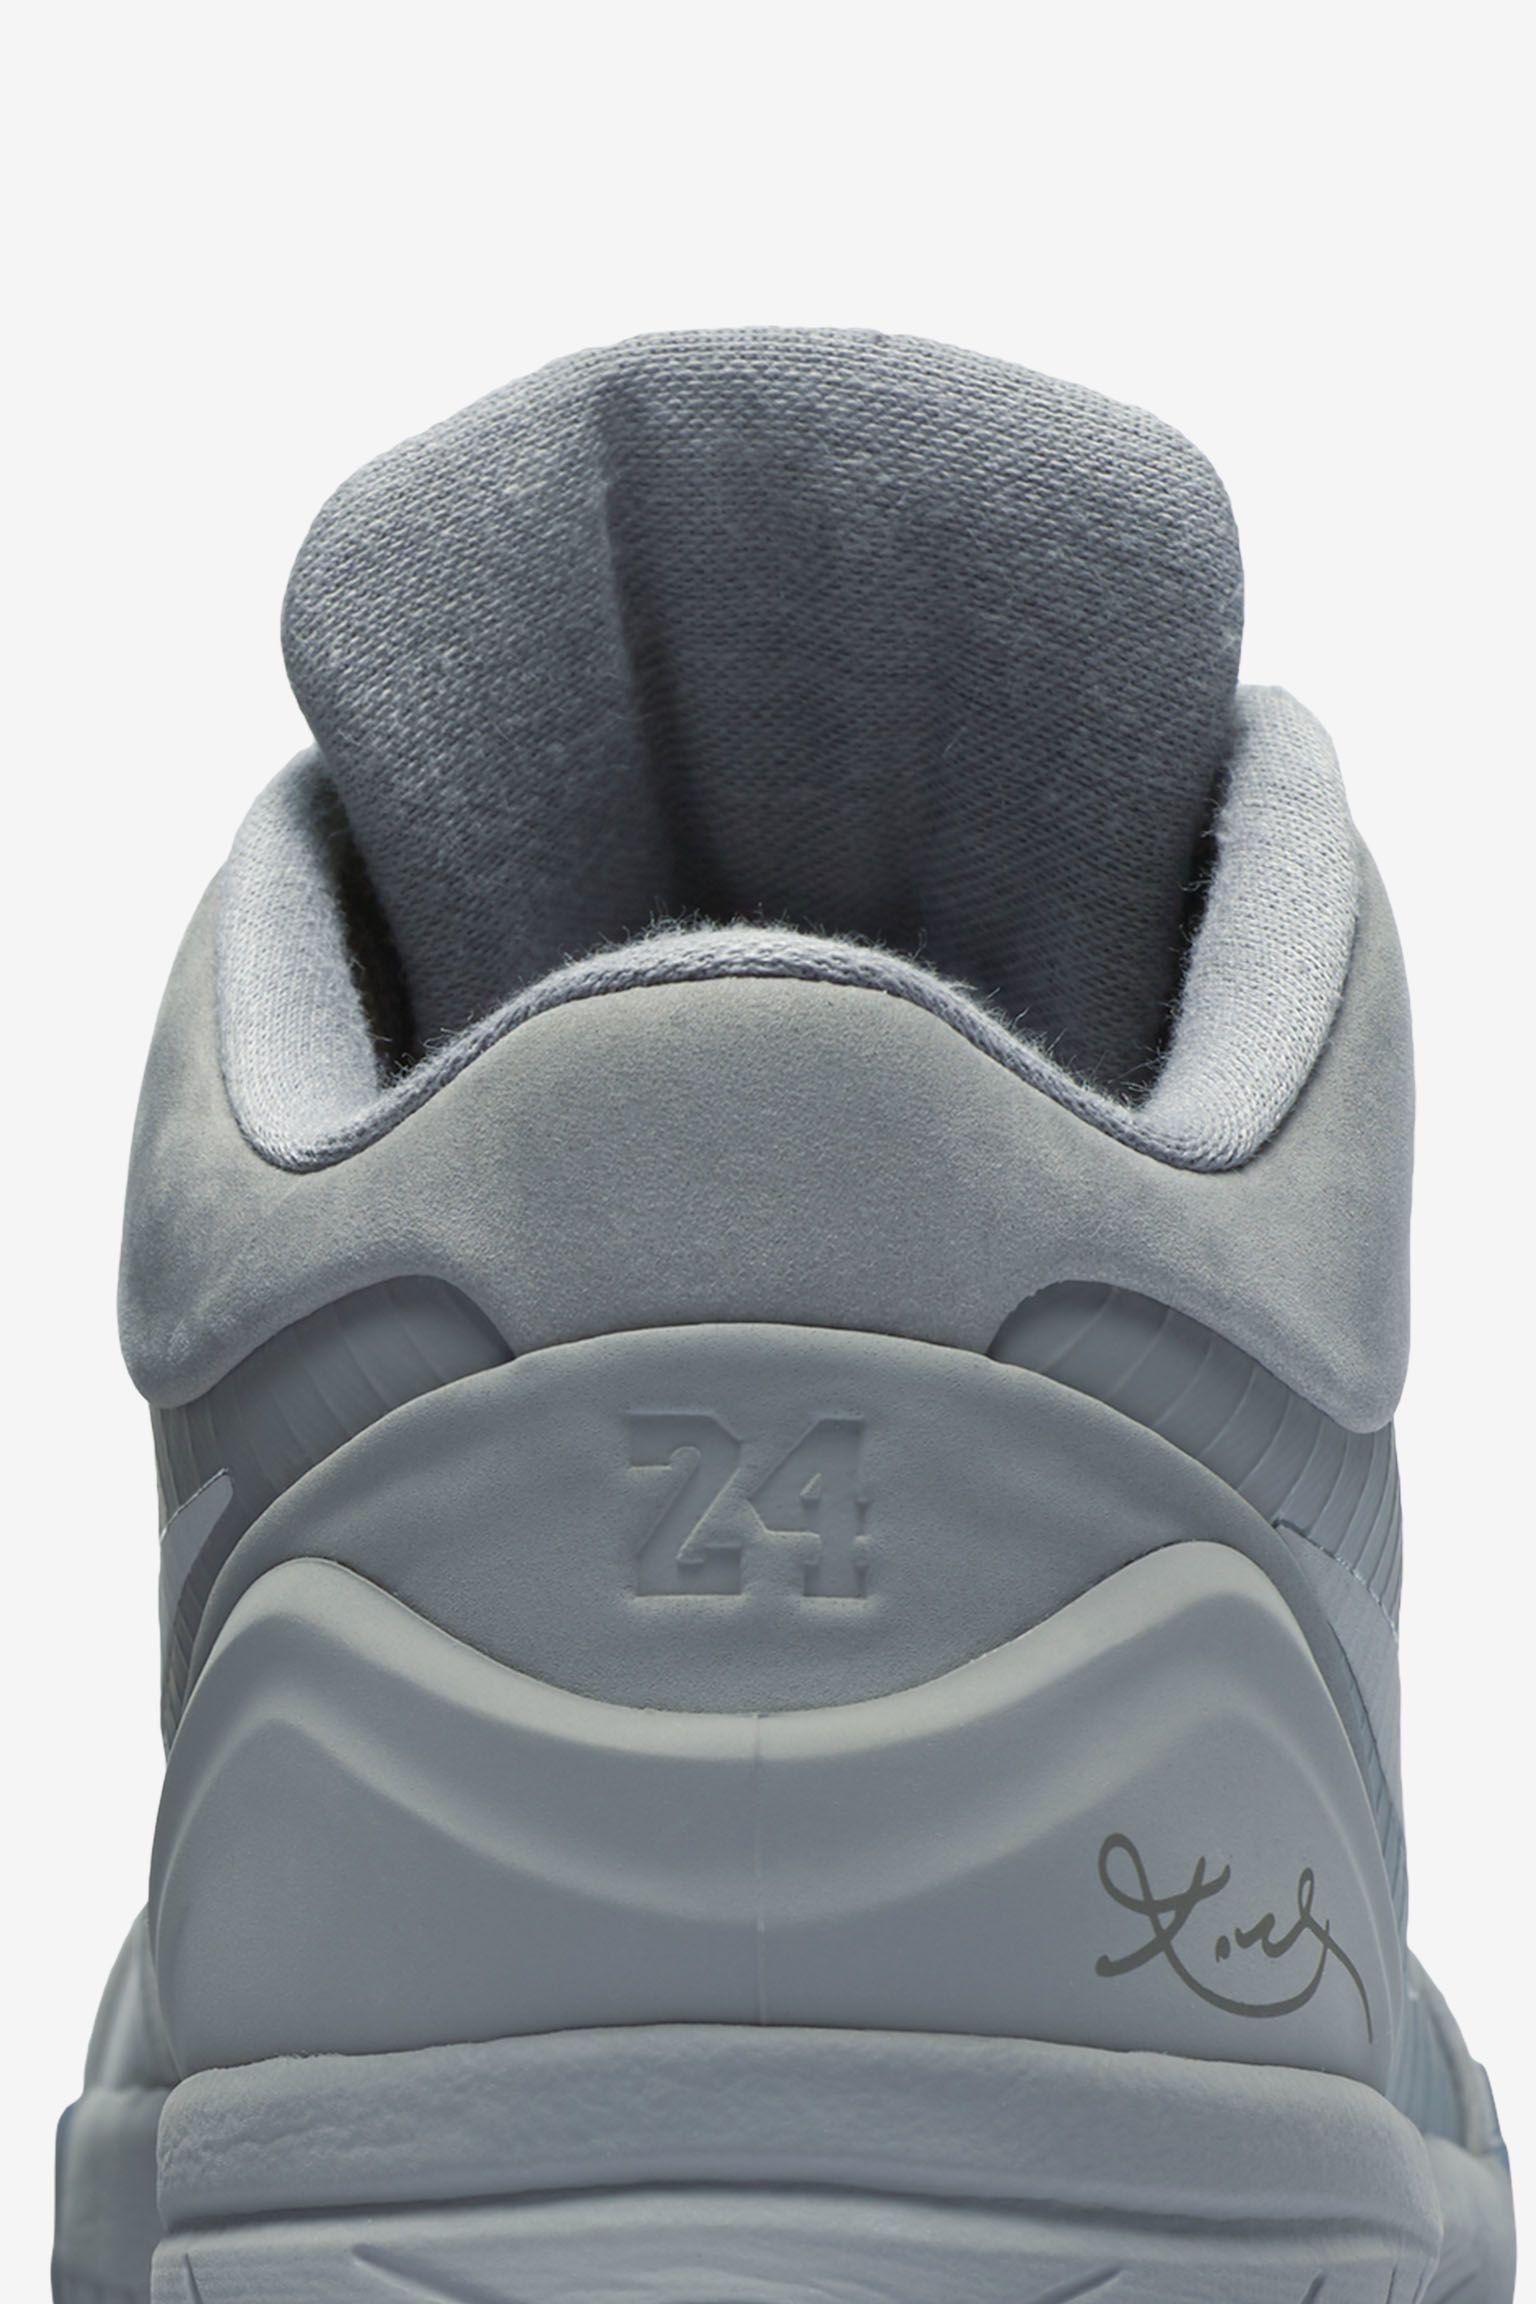 Nike Kobe 4 'Black Mamba' Release Date